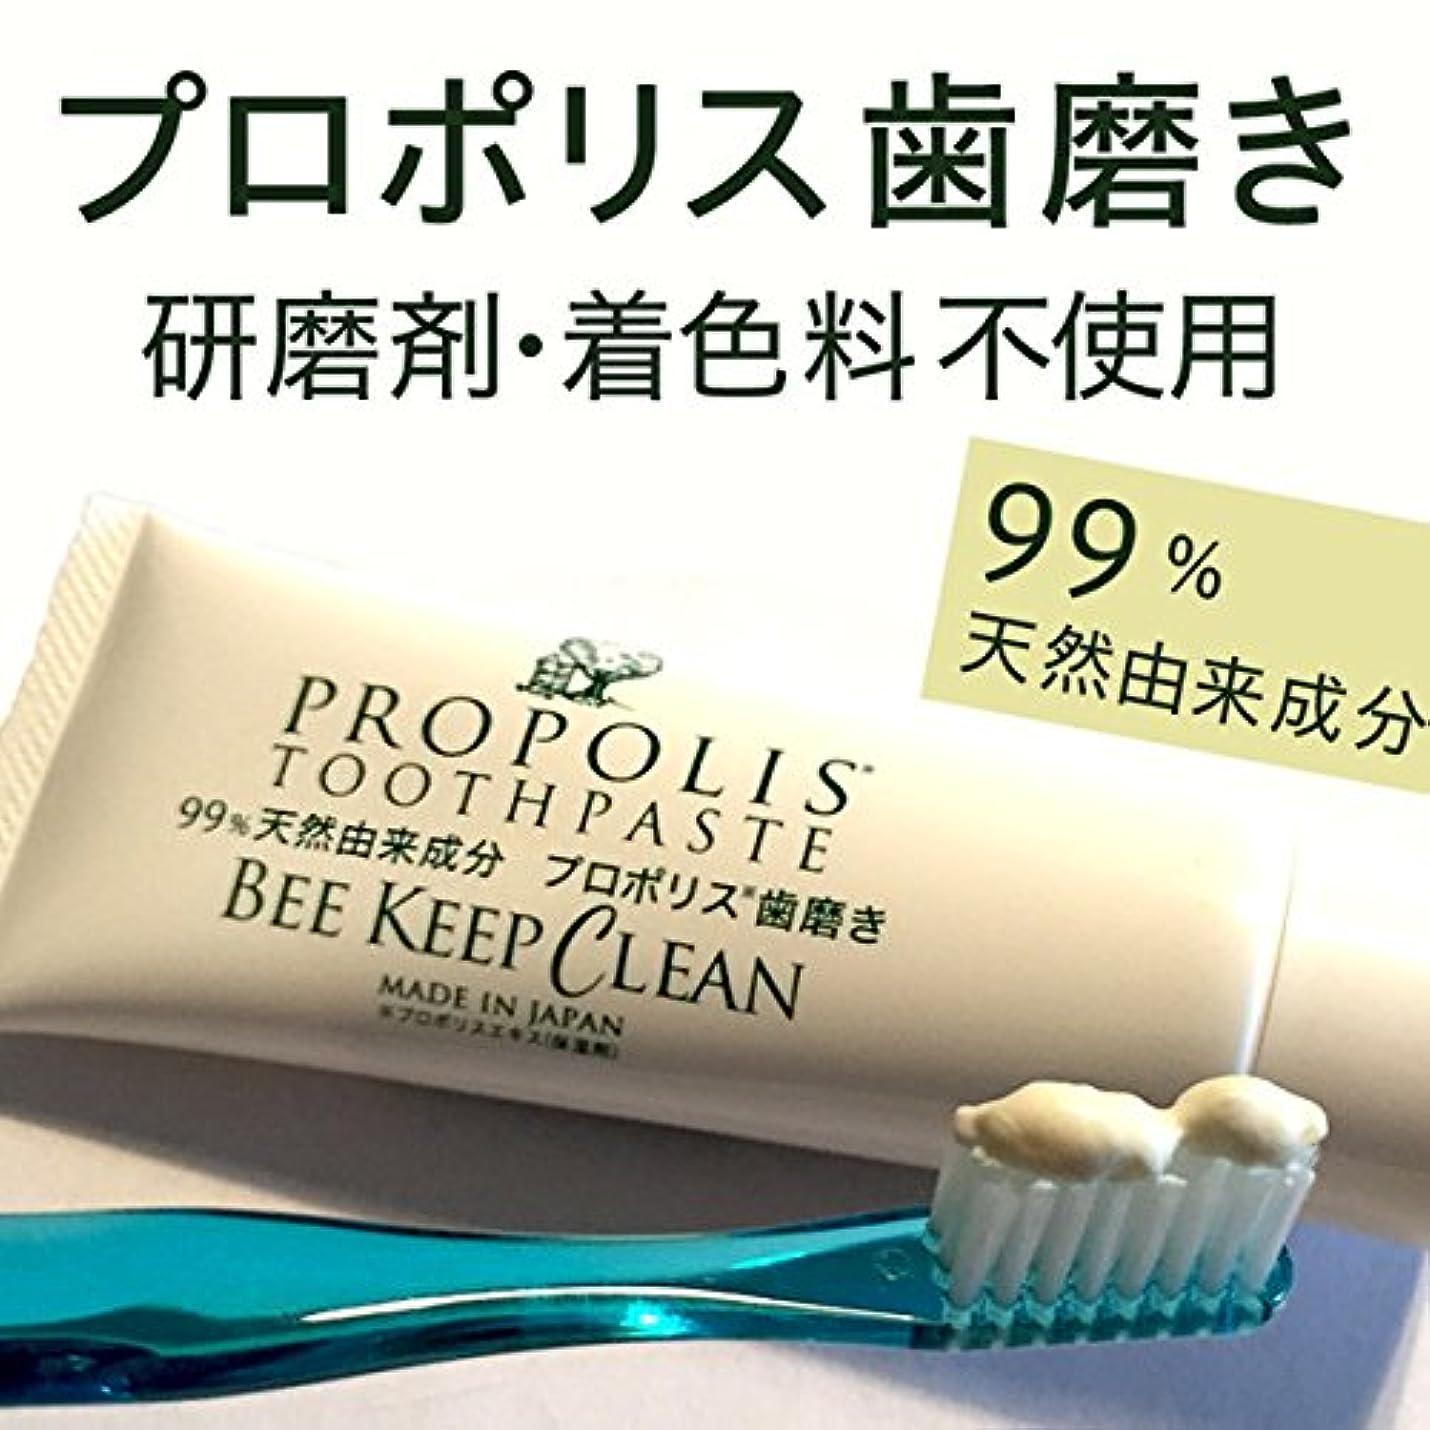 楽しい者ねばねばプロポリス歯磨きビーキープクリーン100g